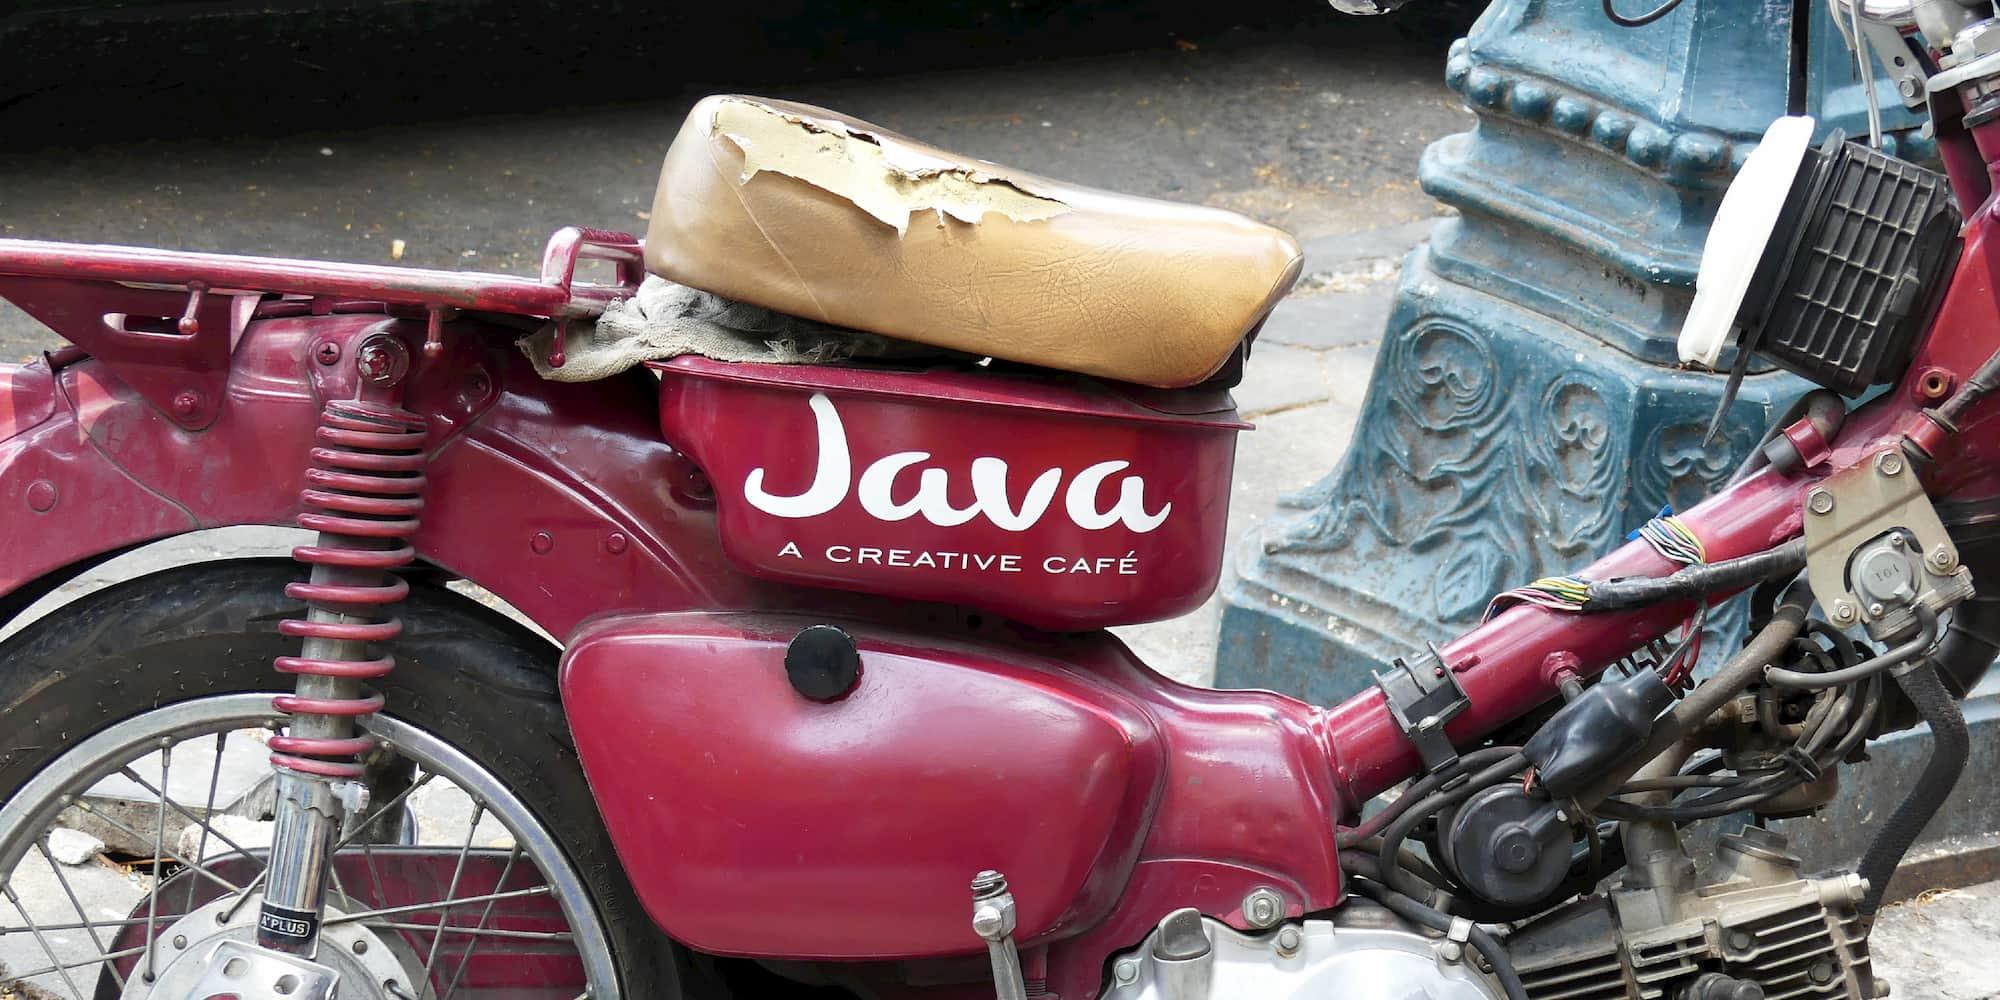 Java creative café